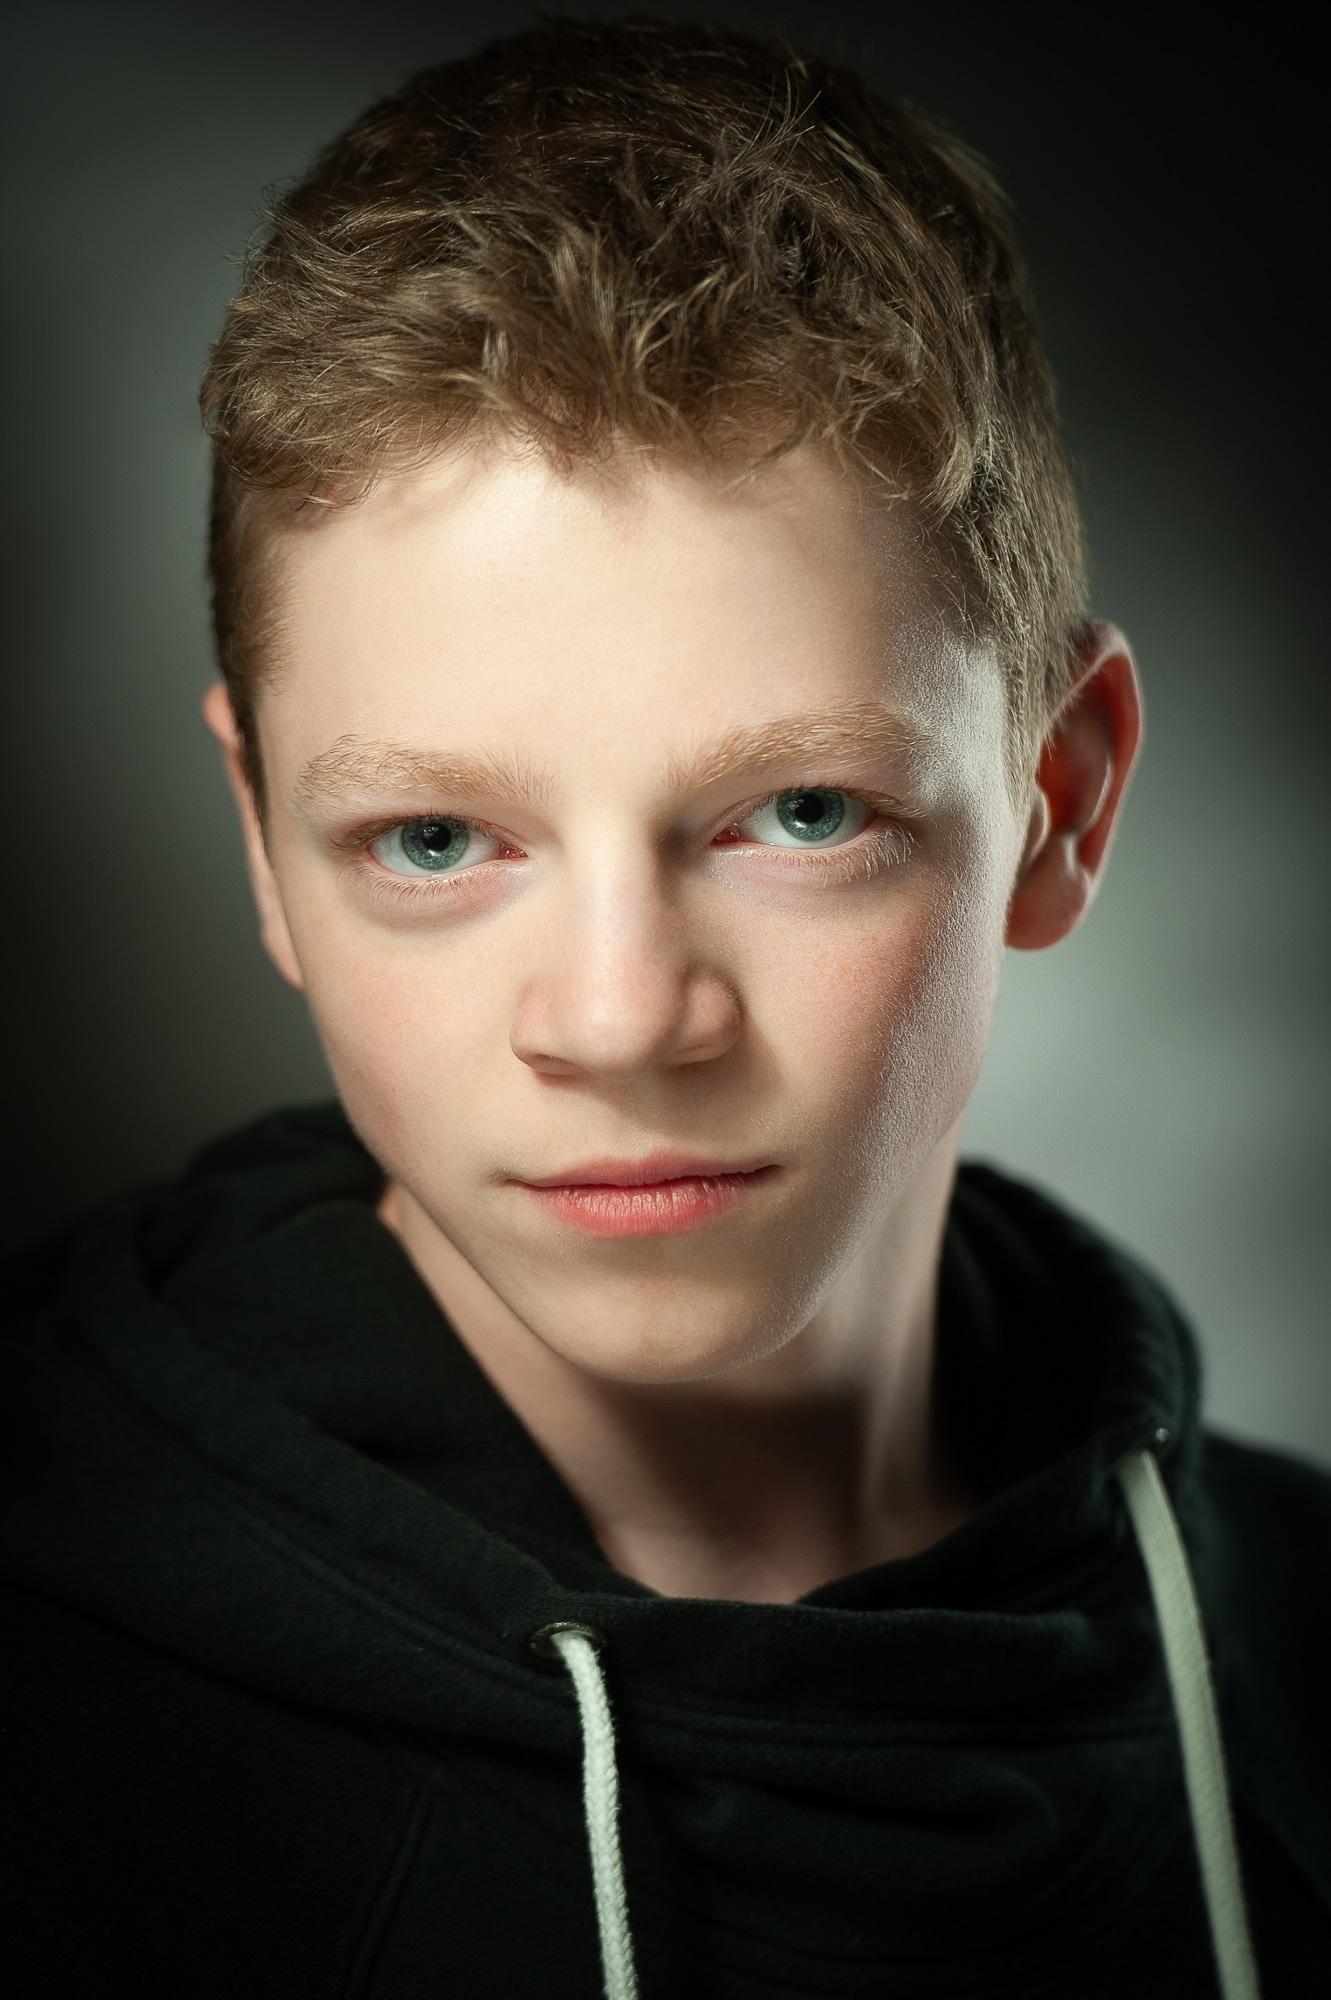 Image of Aaron